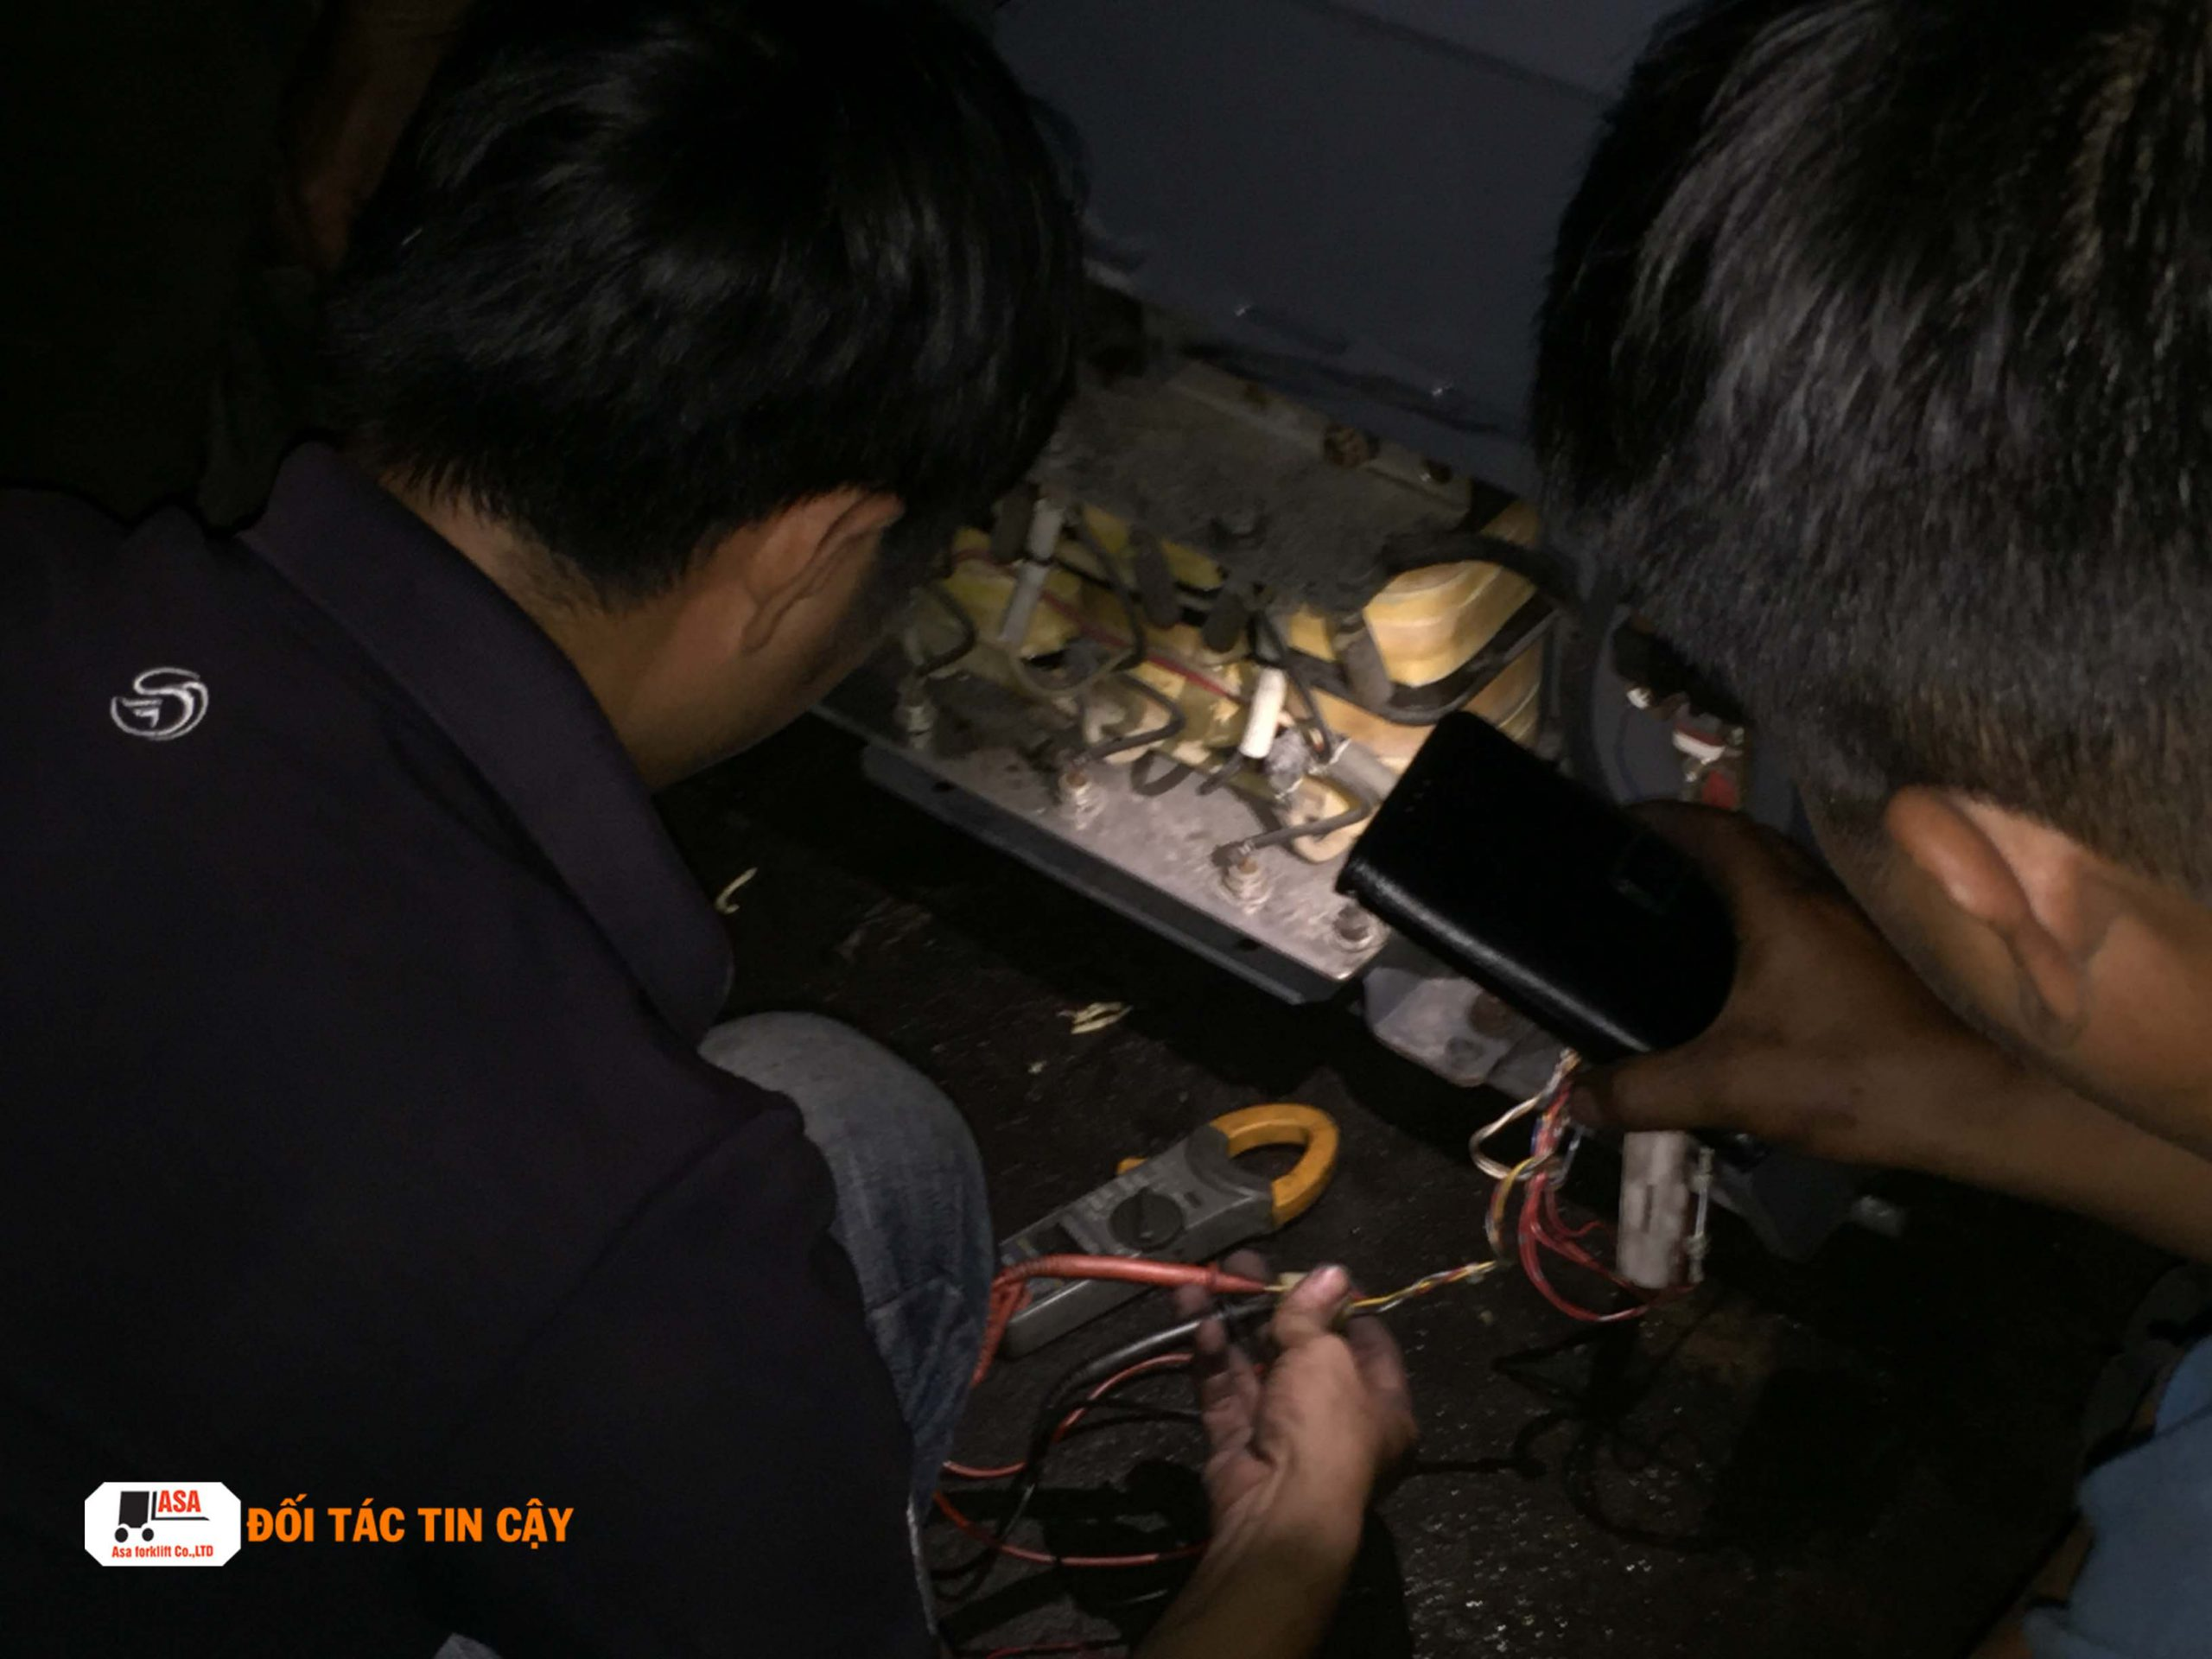 Các hệ thống điện của xe nâng điện được nhân viên Asa kiểm tra và sửa chữa mặc dù làm đến tối